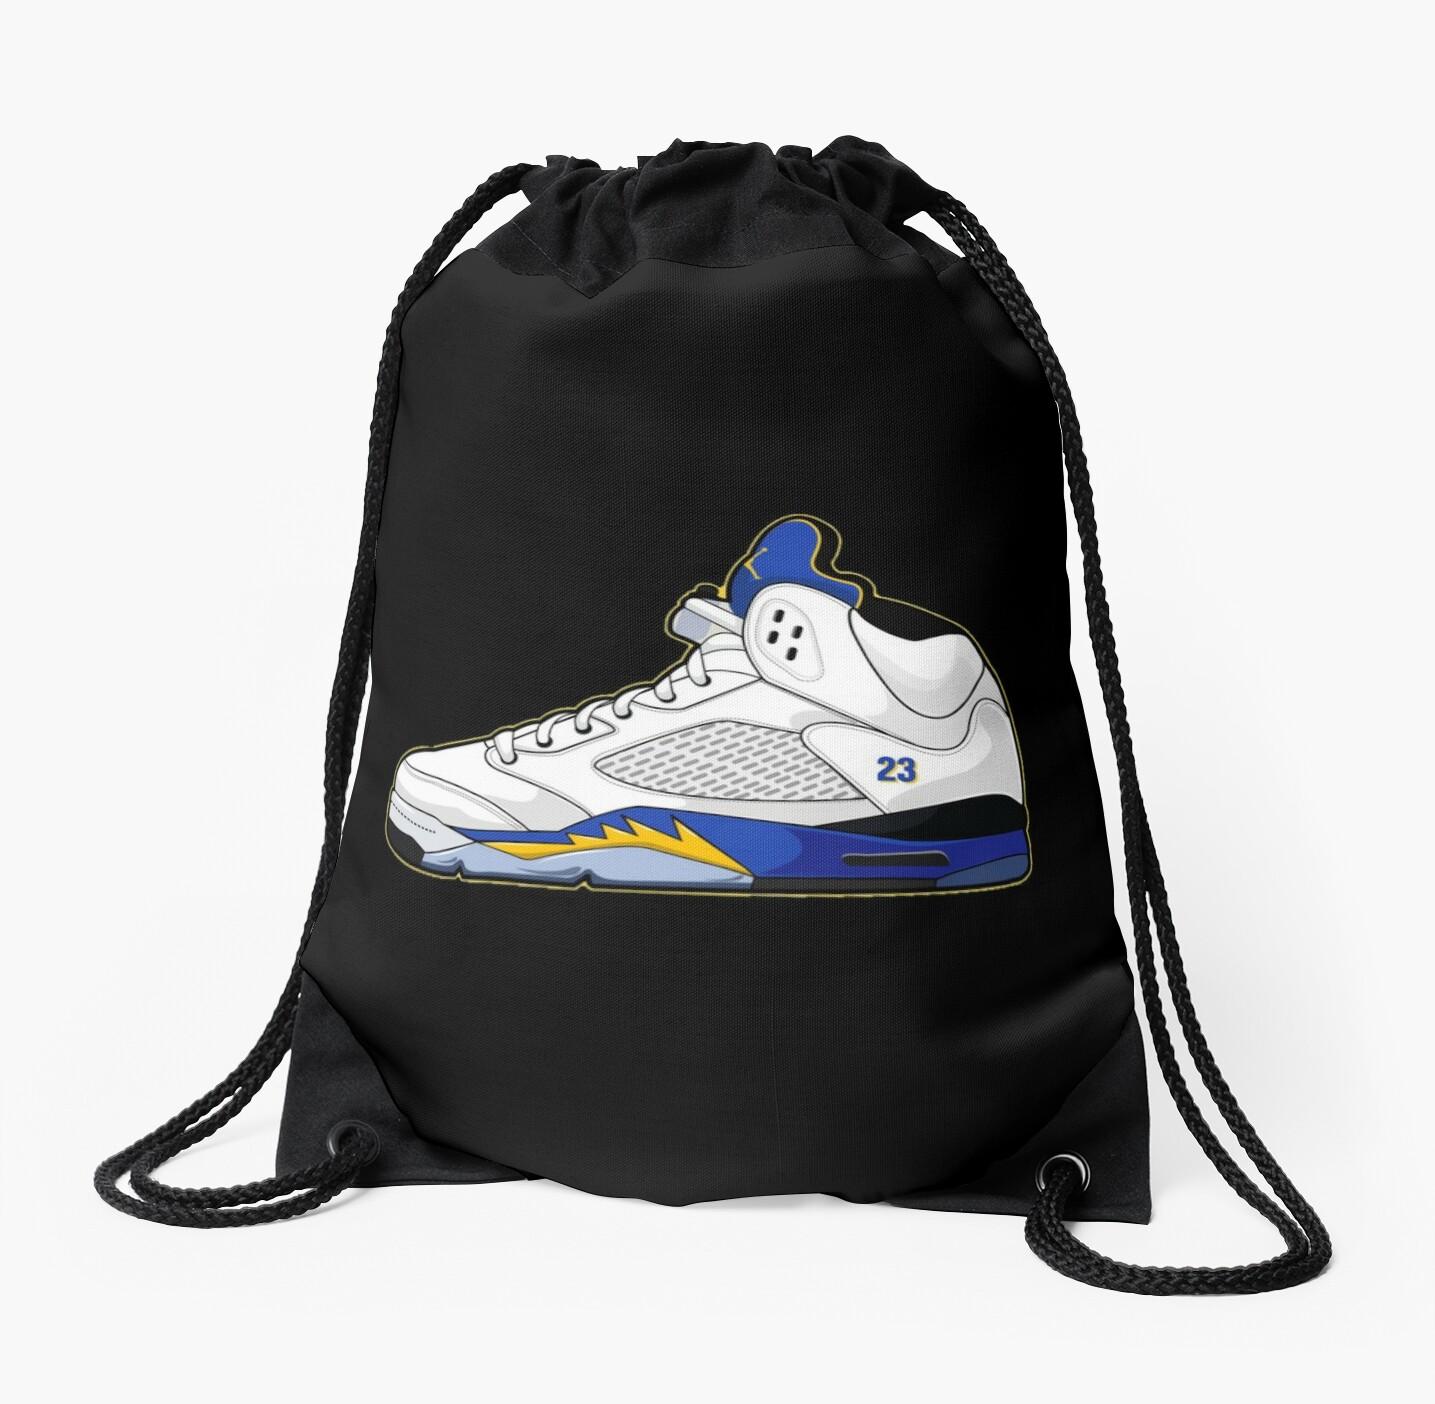 4027c346bd Nike Air Jordan s 23